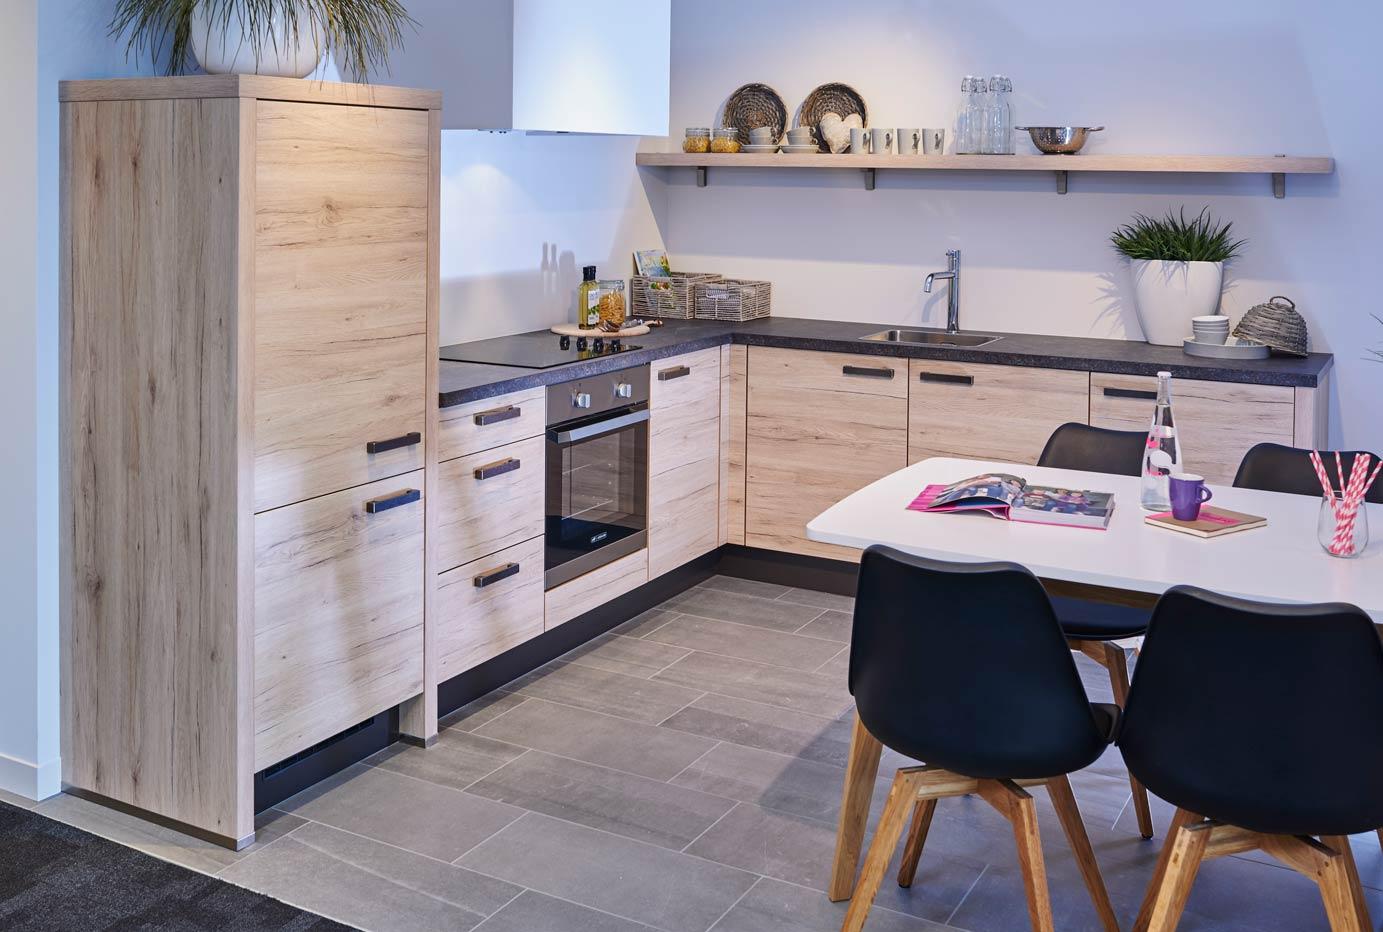 Keuken Kopen Prijs : Goedkope keuken kopen laagste prijs door inkoopvoordeel pelma